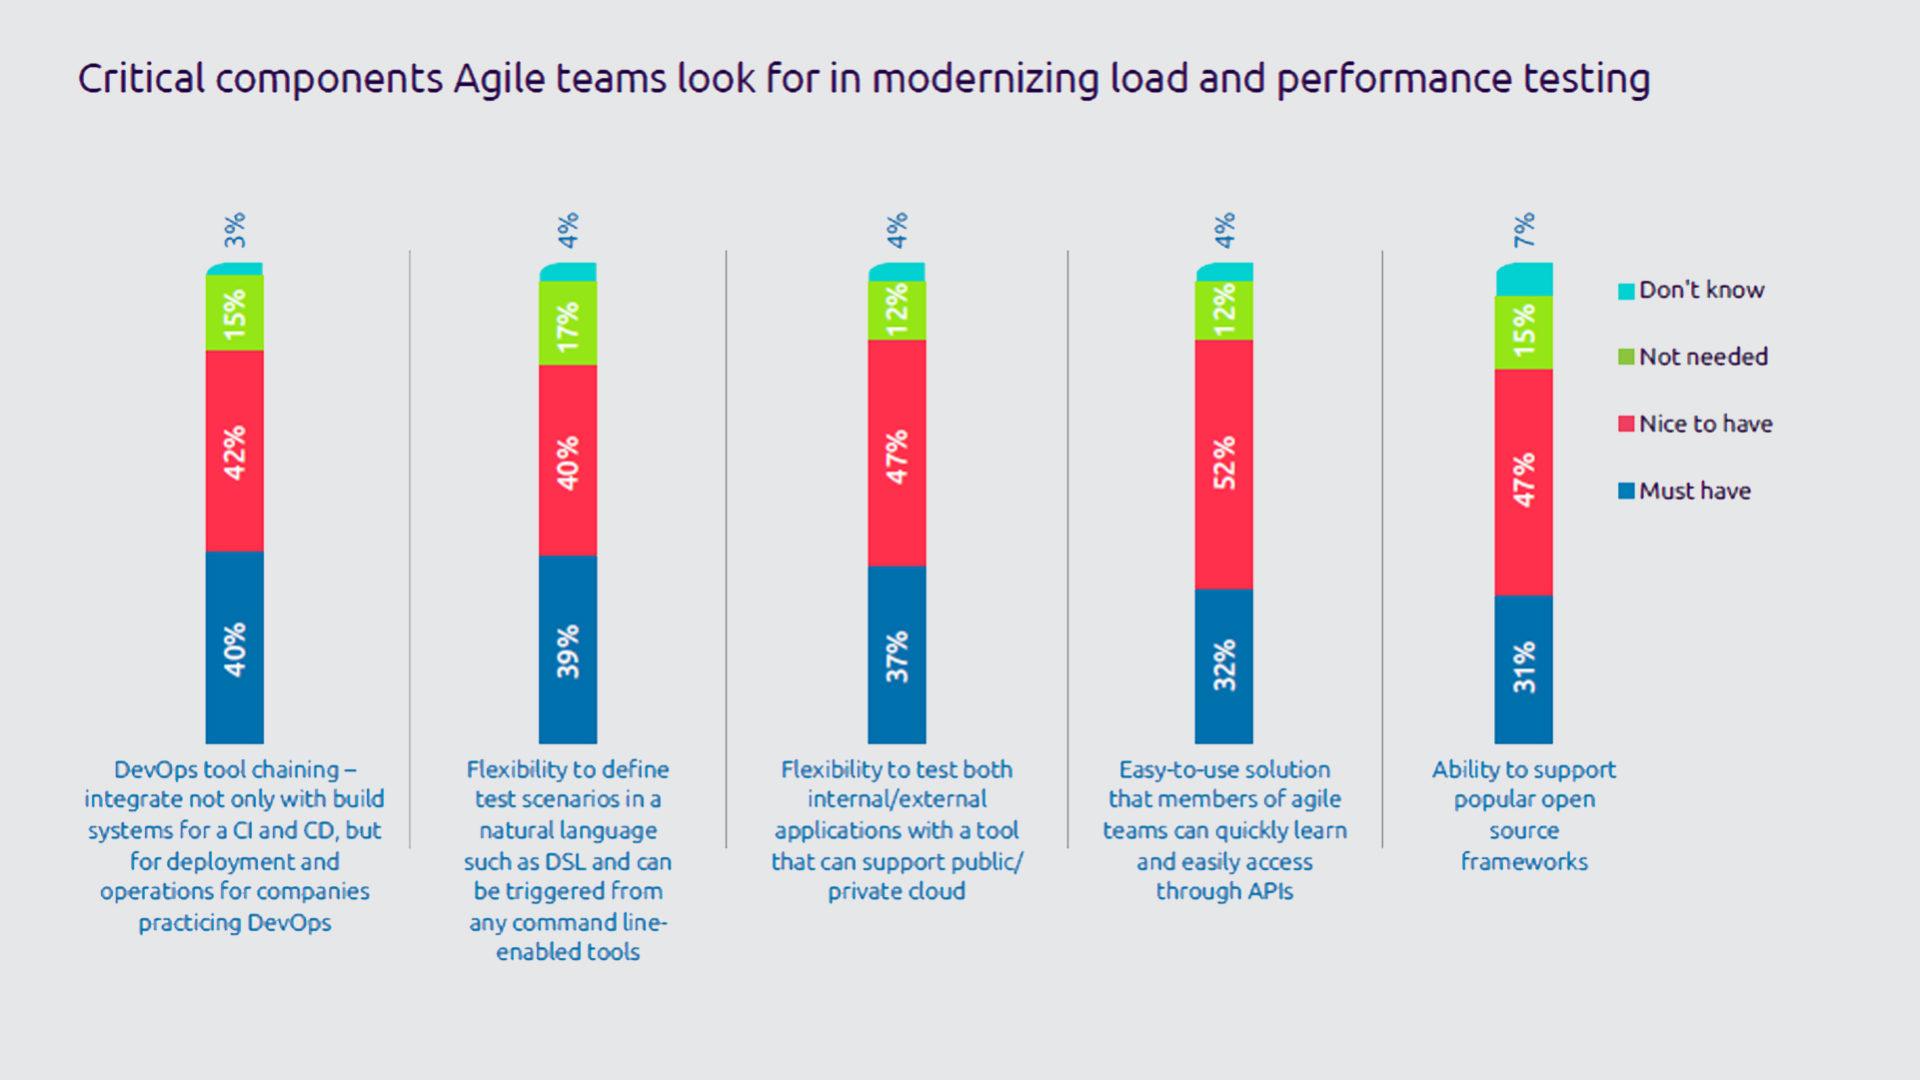 Figura 3 - I componenti critici che i team Agile ricercano per modernizzare i testi di carico e prestazioni. Fonte: Continuous Testing Report 2019 - Capgemini